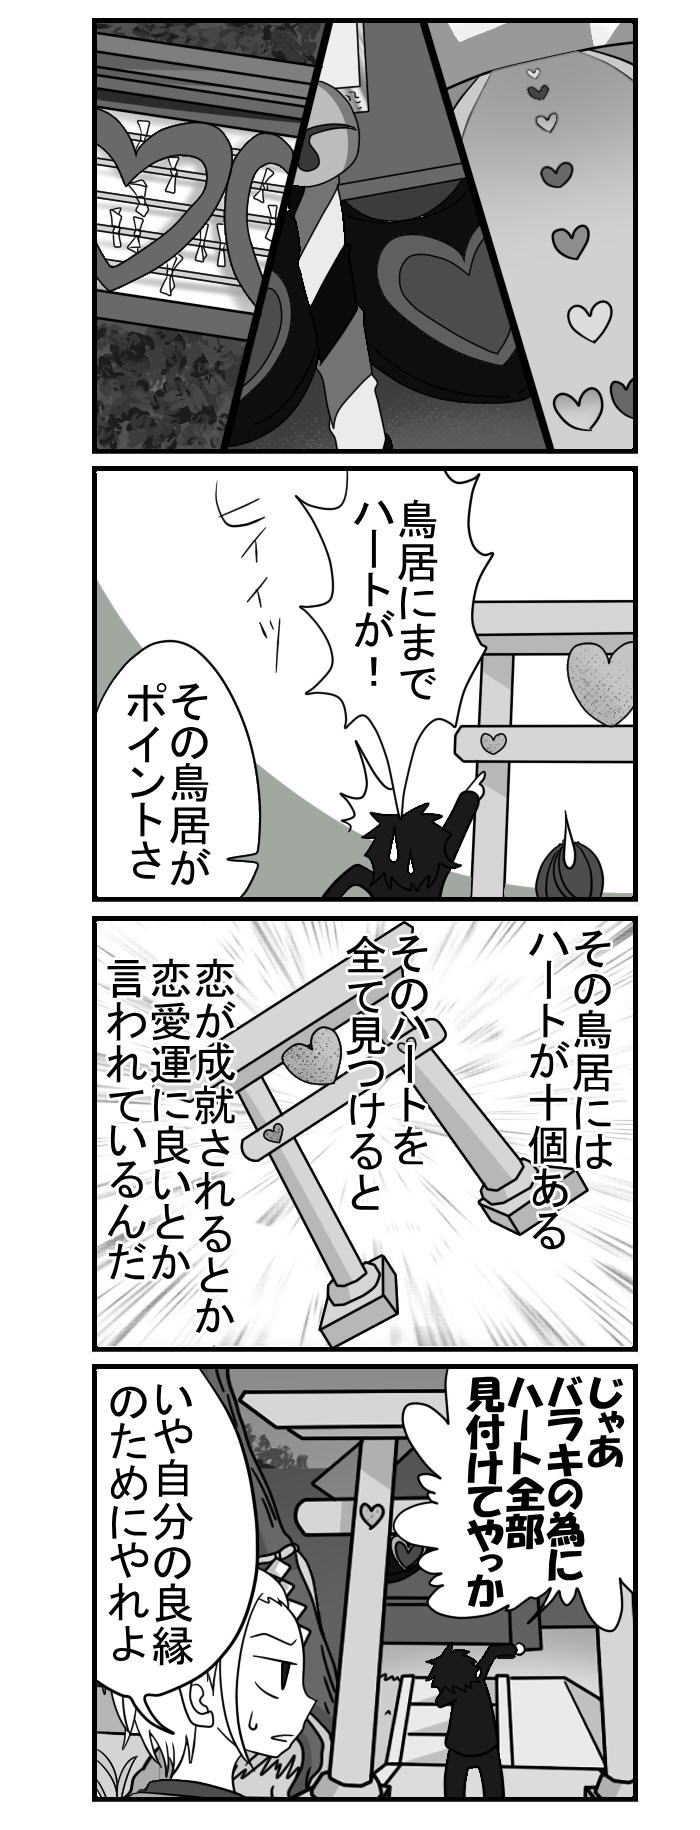 第七話「愛を探せ」編